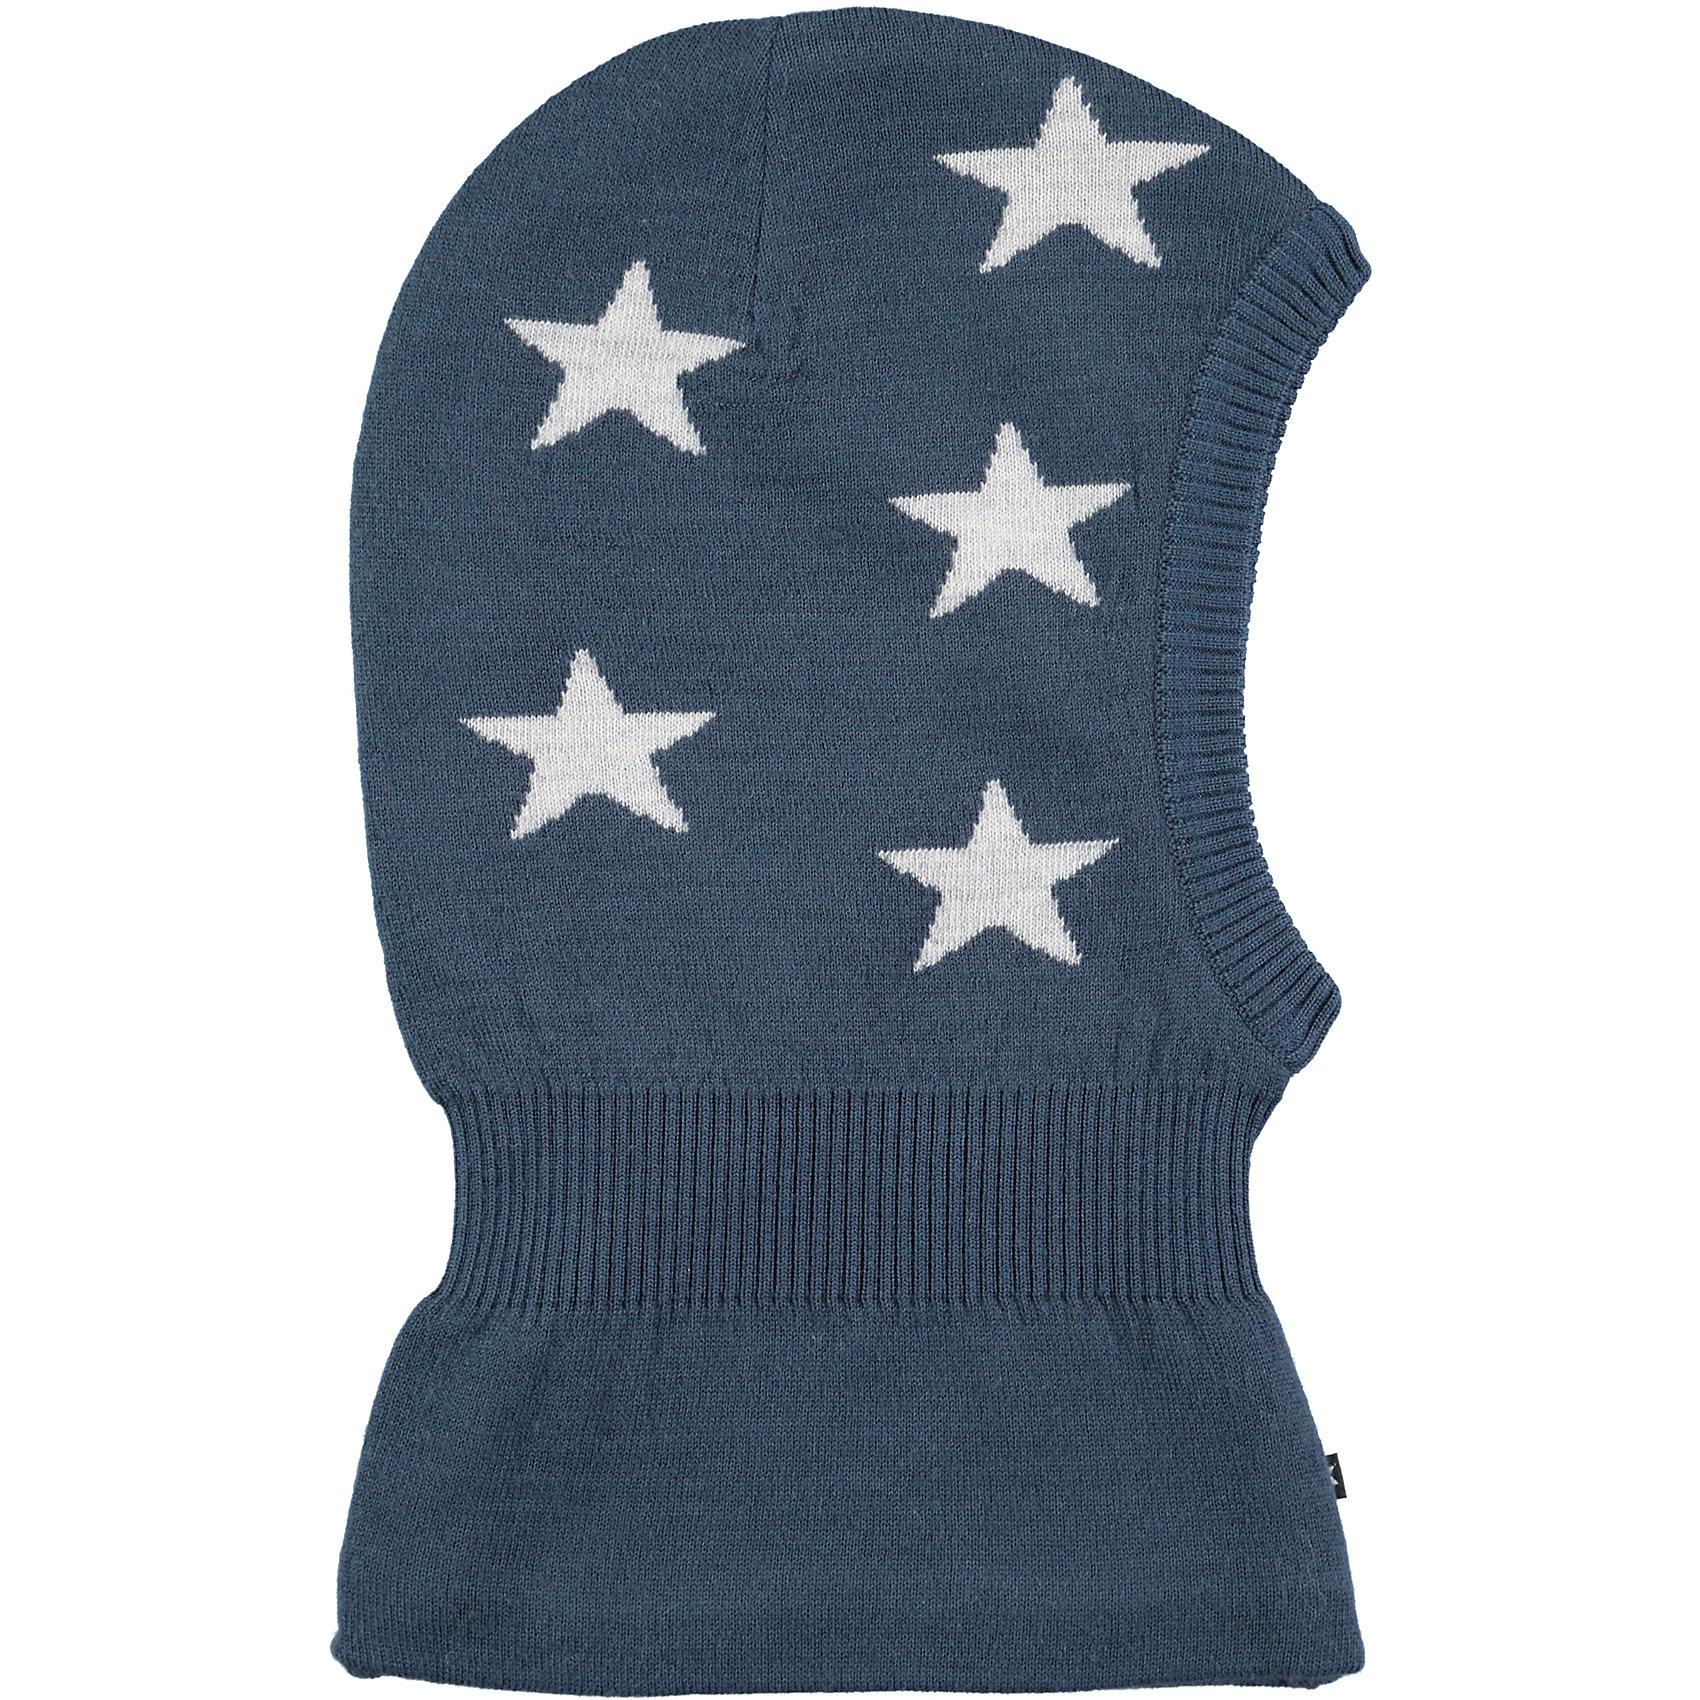 Шапка-шлем MOLO для мальчикаГоловные уборы<br>Балаклава зимняя Molo отлично защищает от холода и ветра, изготовлена из высококачественных материалов не вызывающих аллергию, имеет дополнительный флисовый слой<br><br>Ширина мм: 89<br>Глубина мм: 117<br>Высота мм: 44<br>Вес г: 155<br>Цвет: темно-синий<br>Возраст от месяцев: 12<br>Возраст до месяцев: 18<br>Пол: Мужской<br>Возраст: Детский<br>Размер: 46-48,54-56,50-54<br>SKU: 6995333